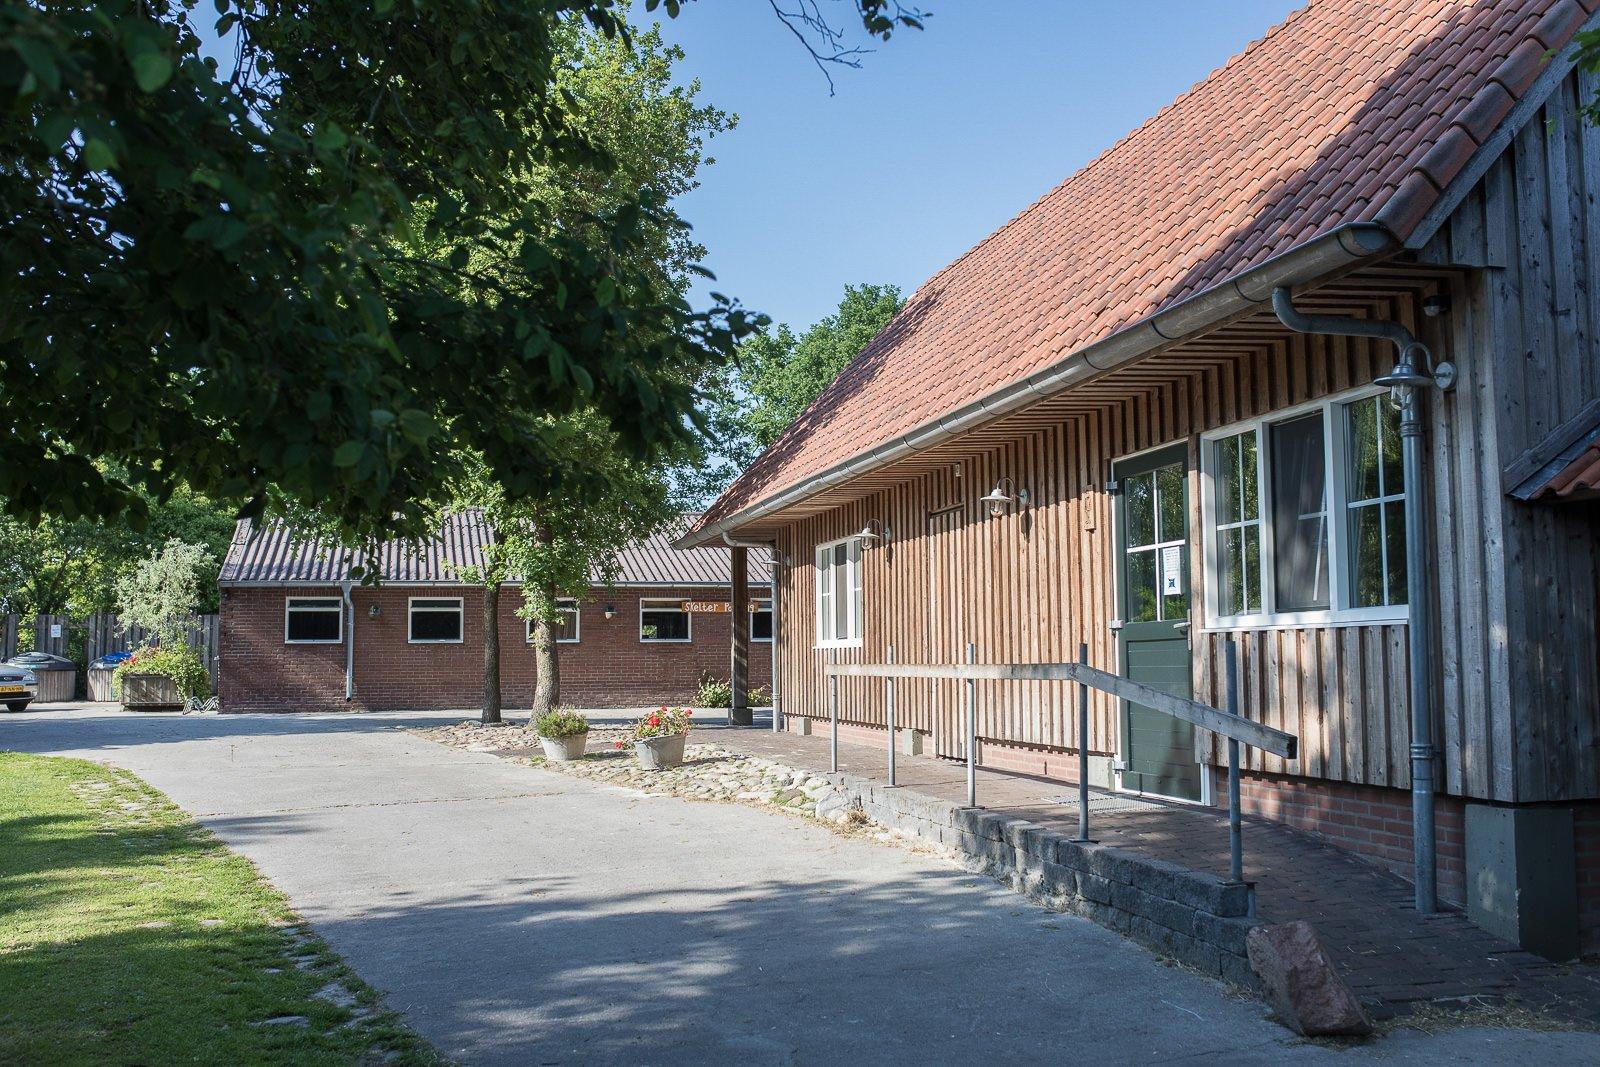 Waschhaus camping de bosrand